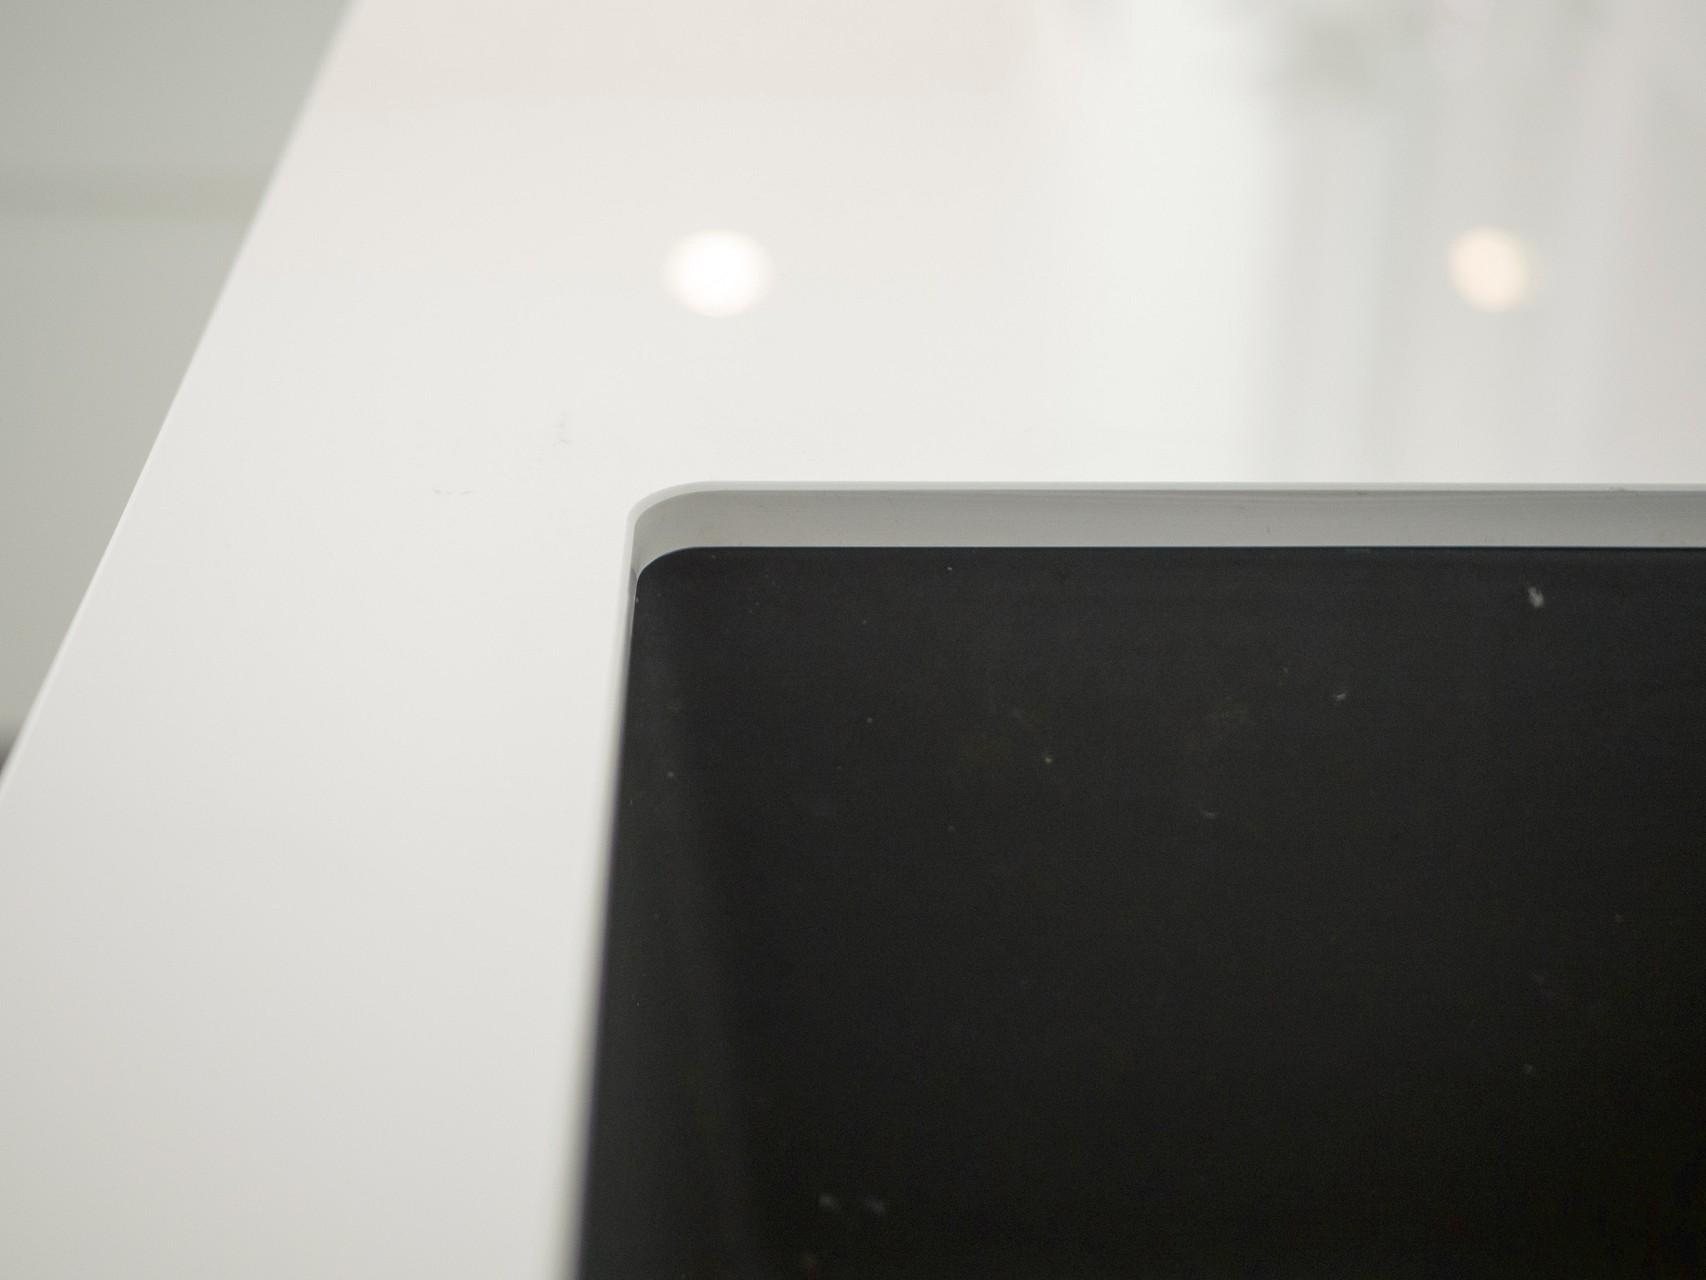 Leicht Kueche Arktisweiss Hochglanz Eiche Furnier Integriertem Griffprofil Dekton Keramik Eiche Massiv Kombination 3